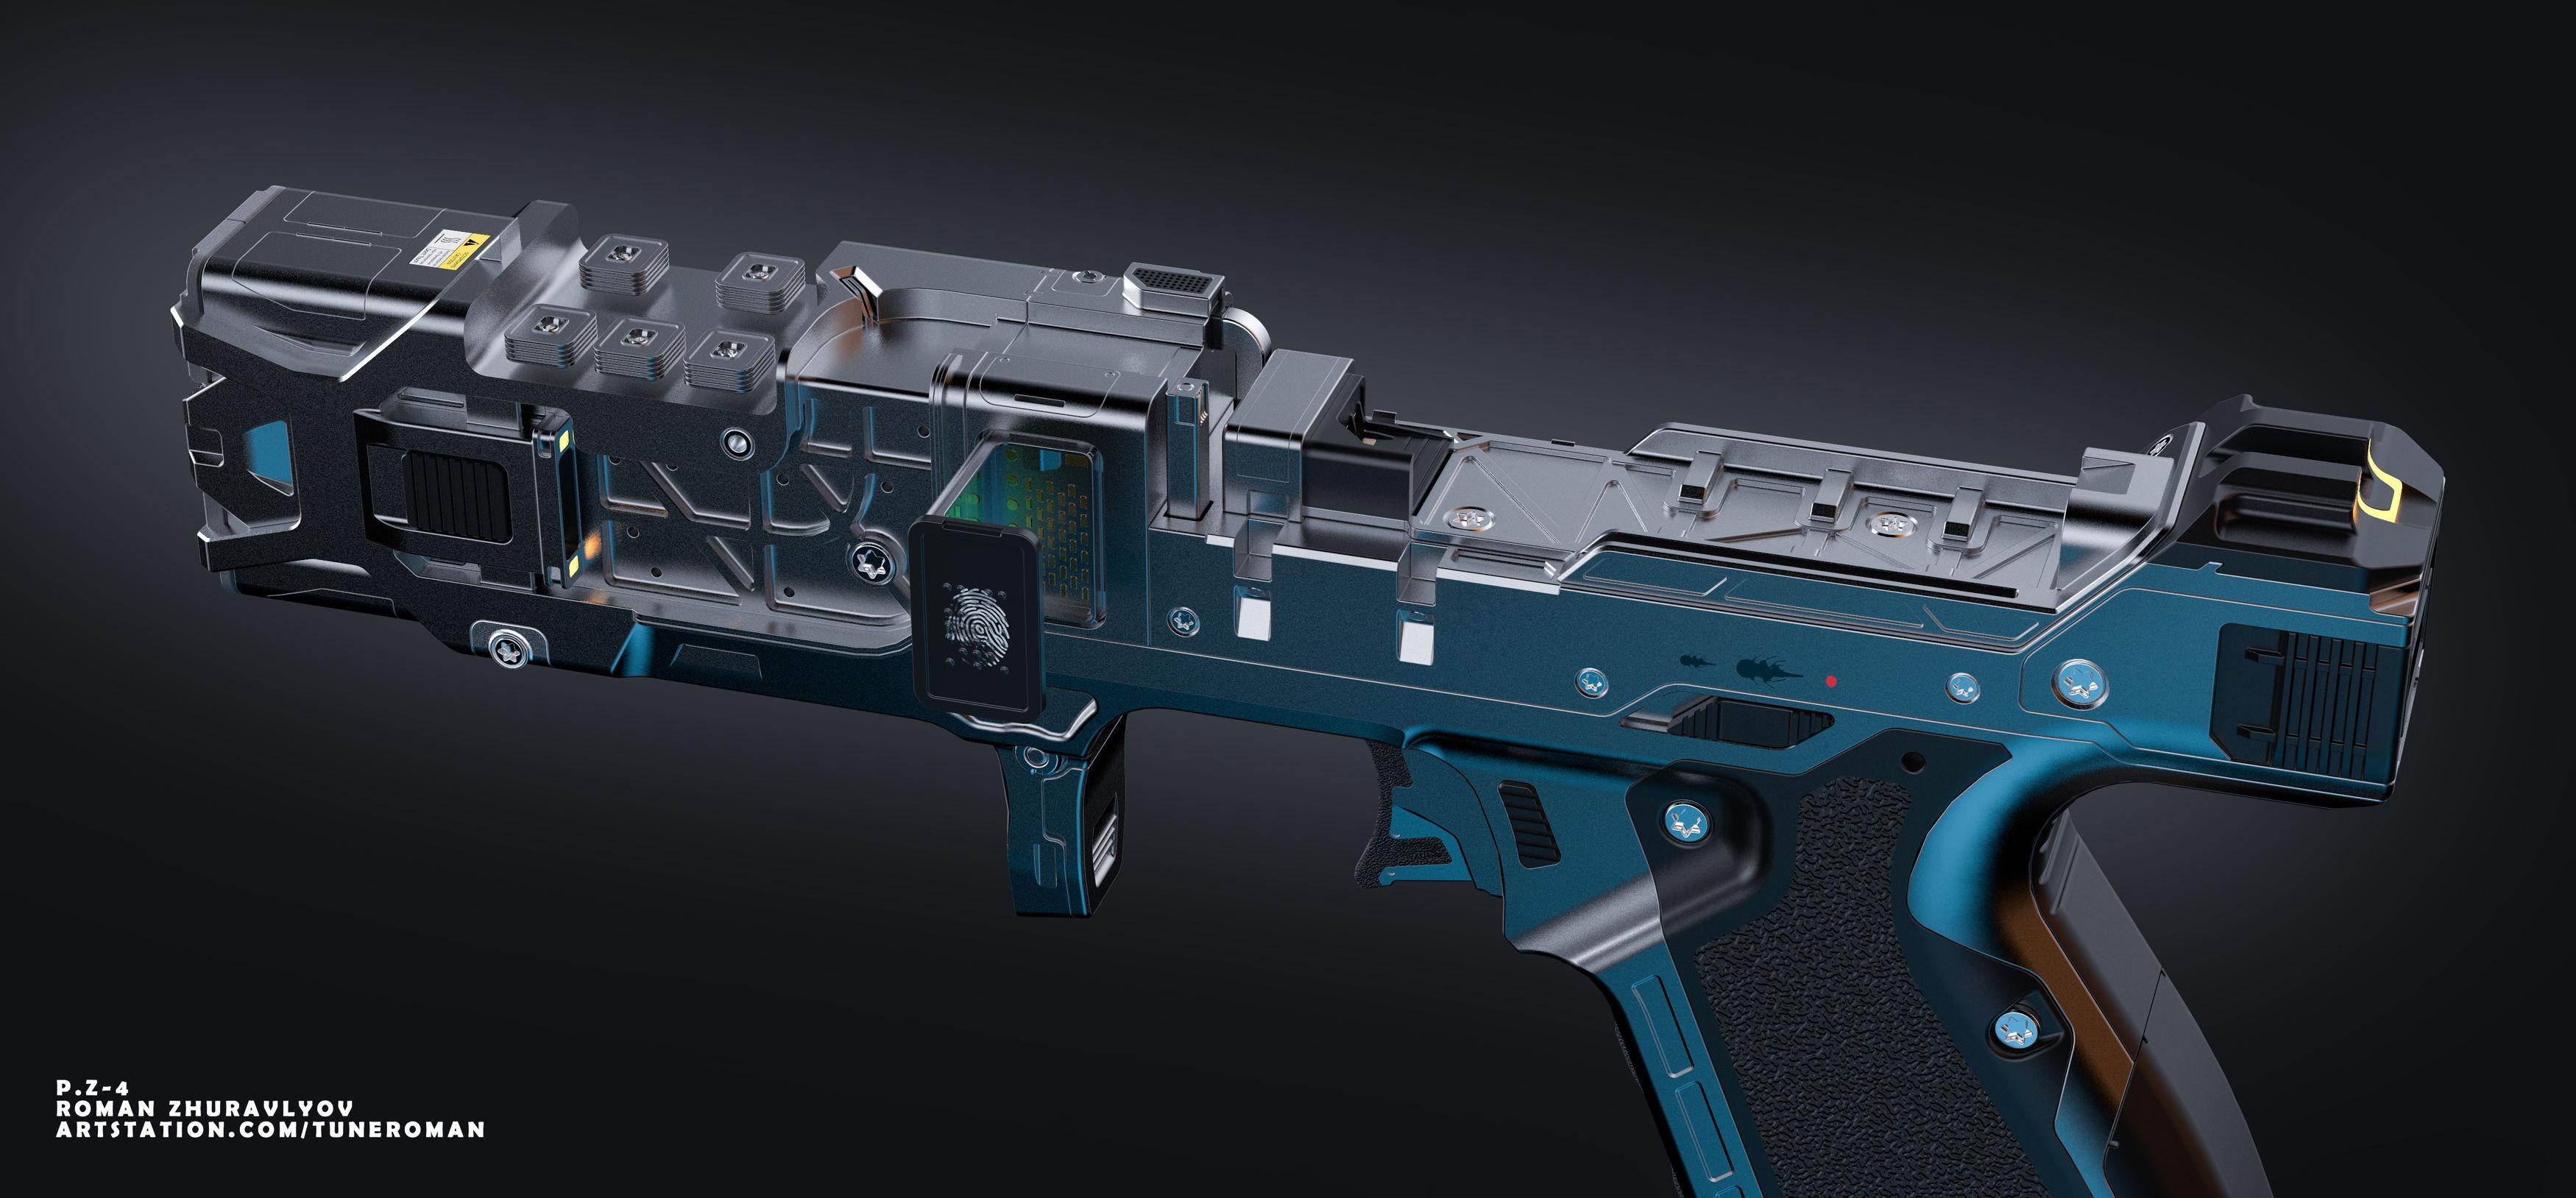 P-z-4-1-3-3500-3500